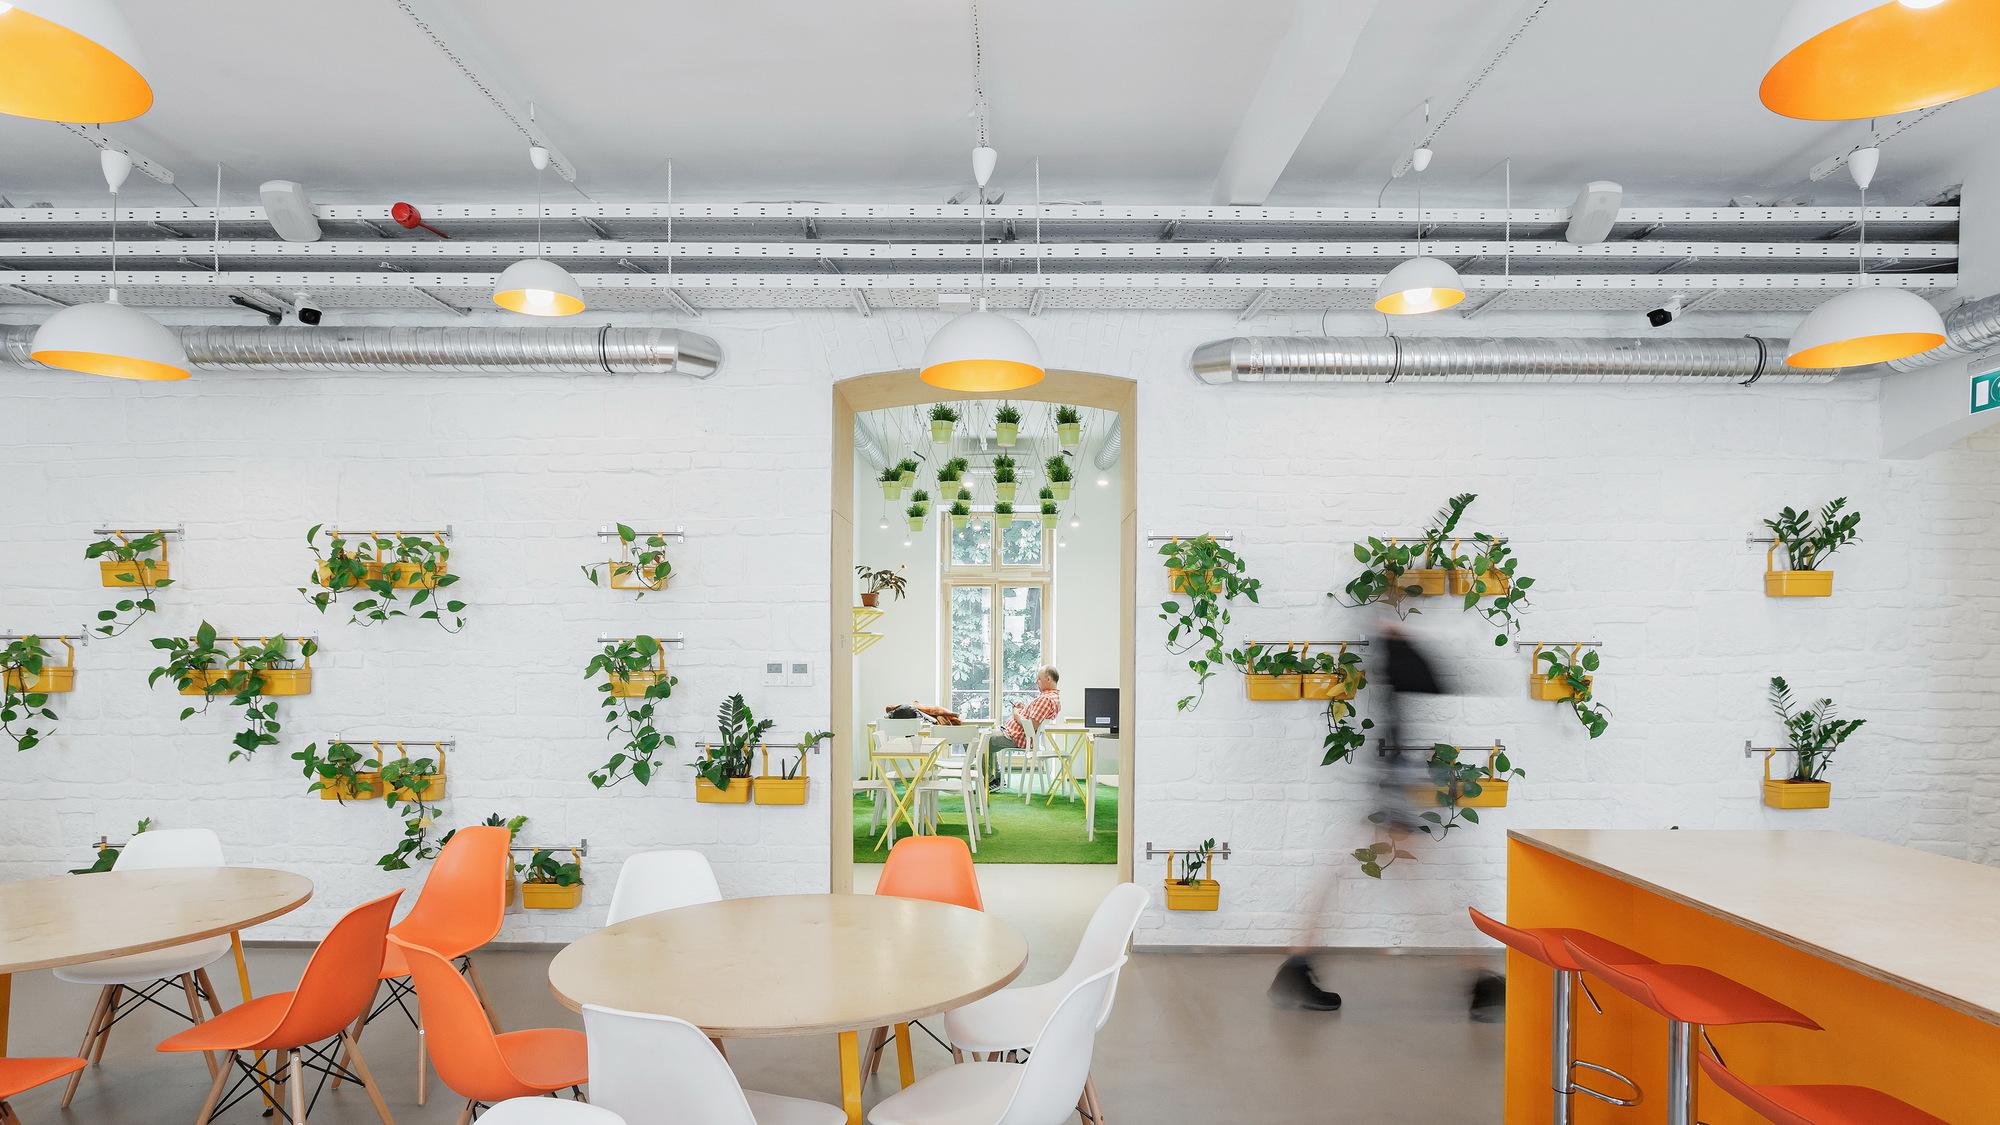 FLOW Hostel / PRTZN Architecture